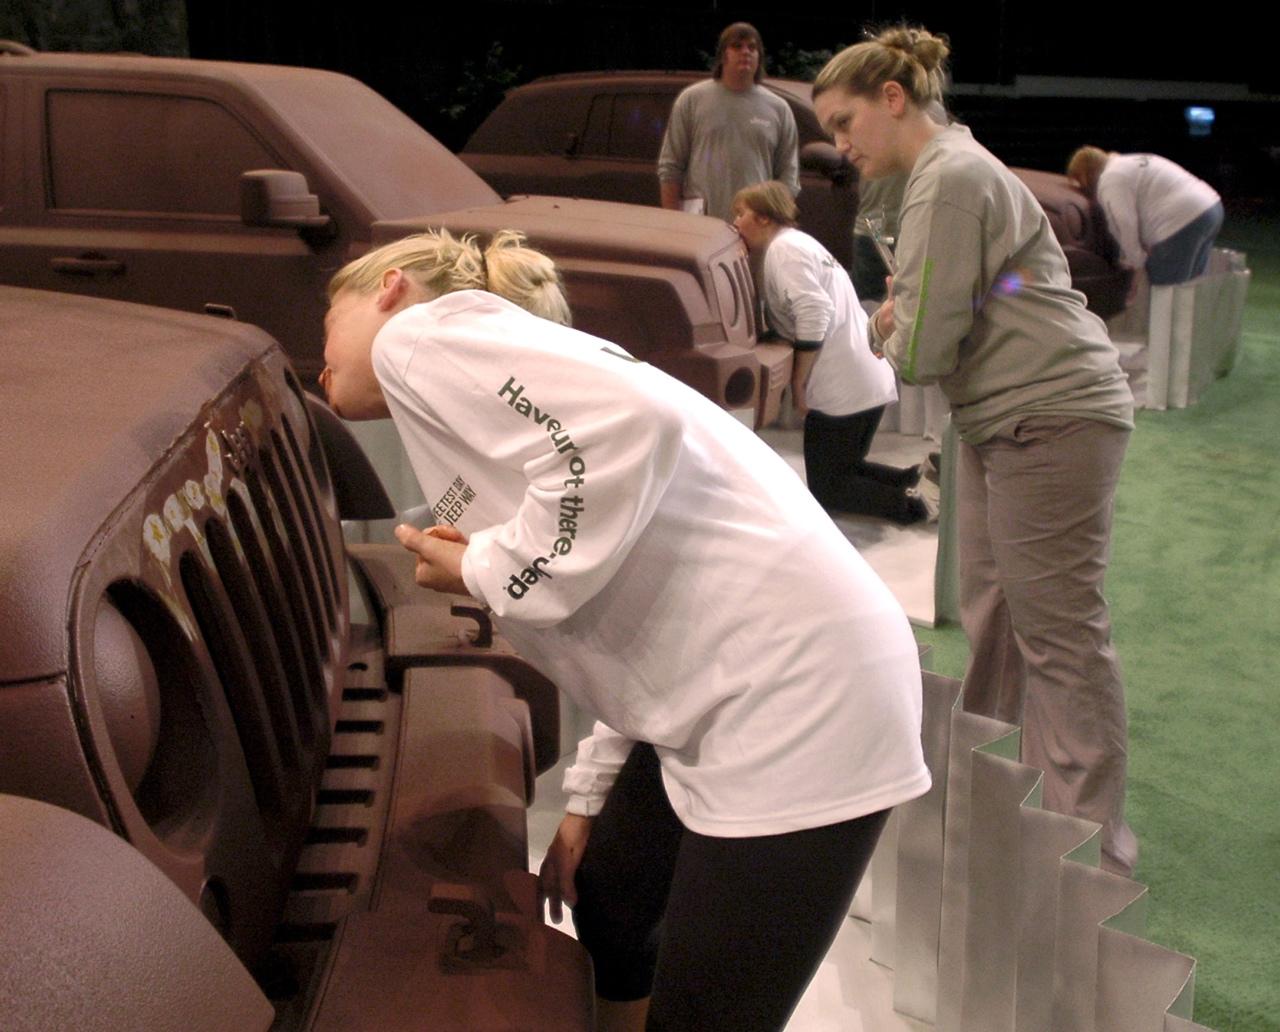 Джип в шоколаде – оригинальная PR-акция от Chrysler